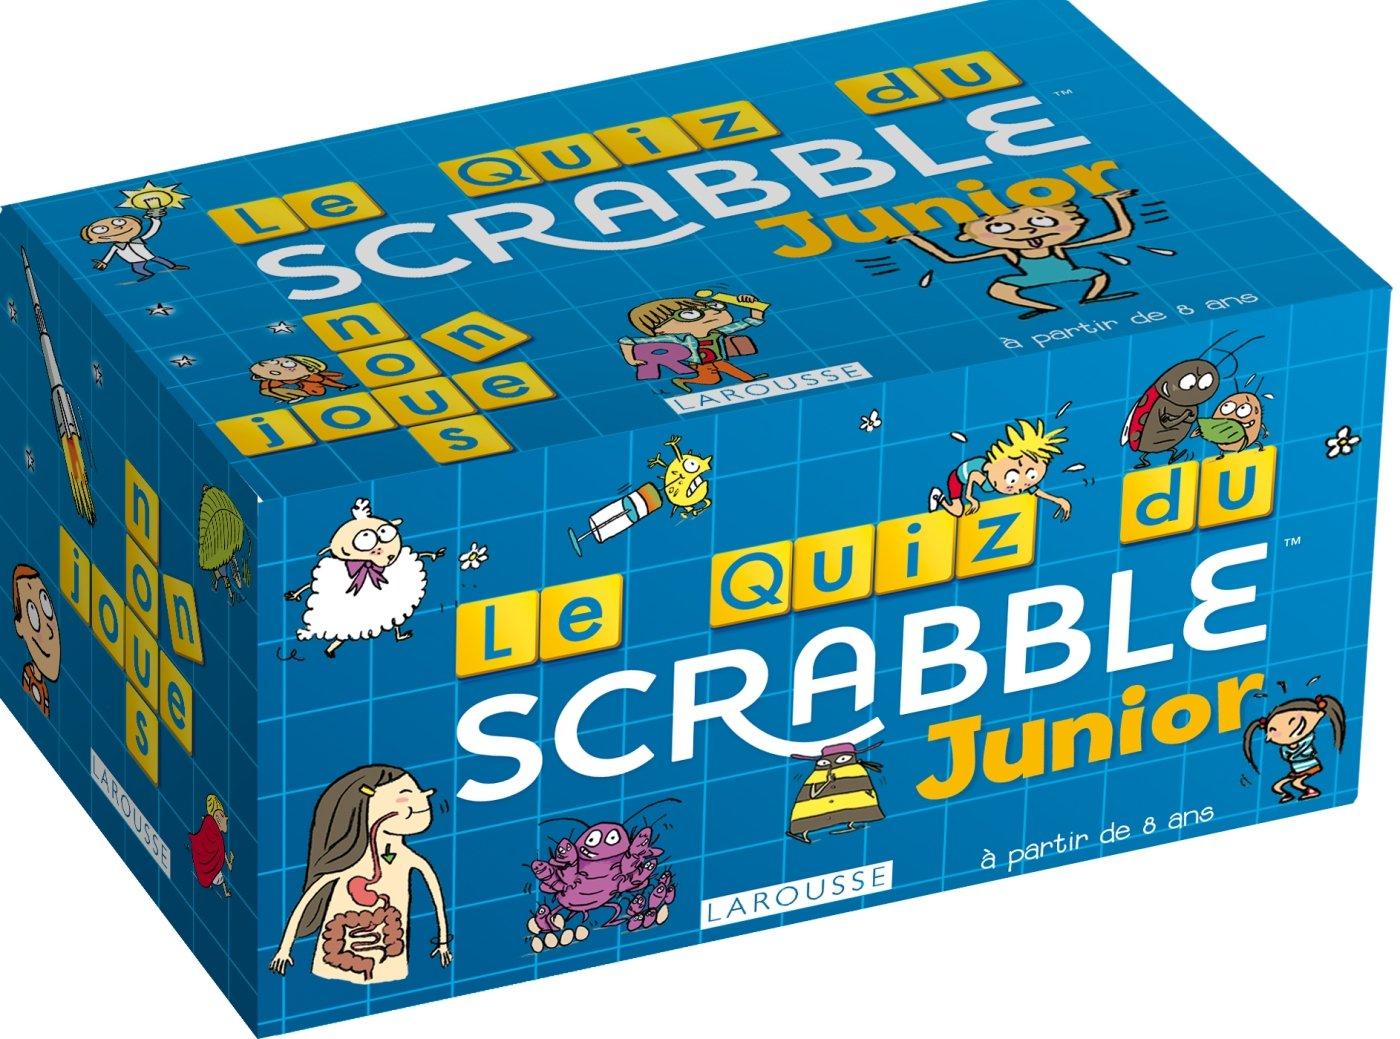 Le Quiz du Scrabble Junior© (Boîtes Quiz): Amazon.es: Meyer, Aurore, MaY: Libros en idiomas extranjeros